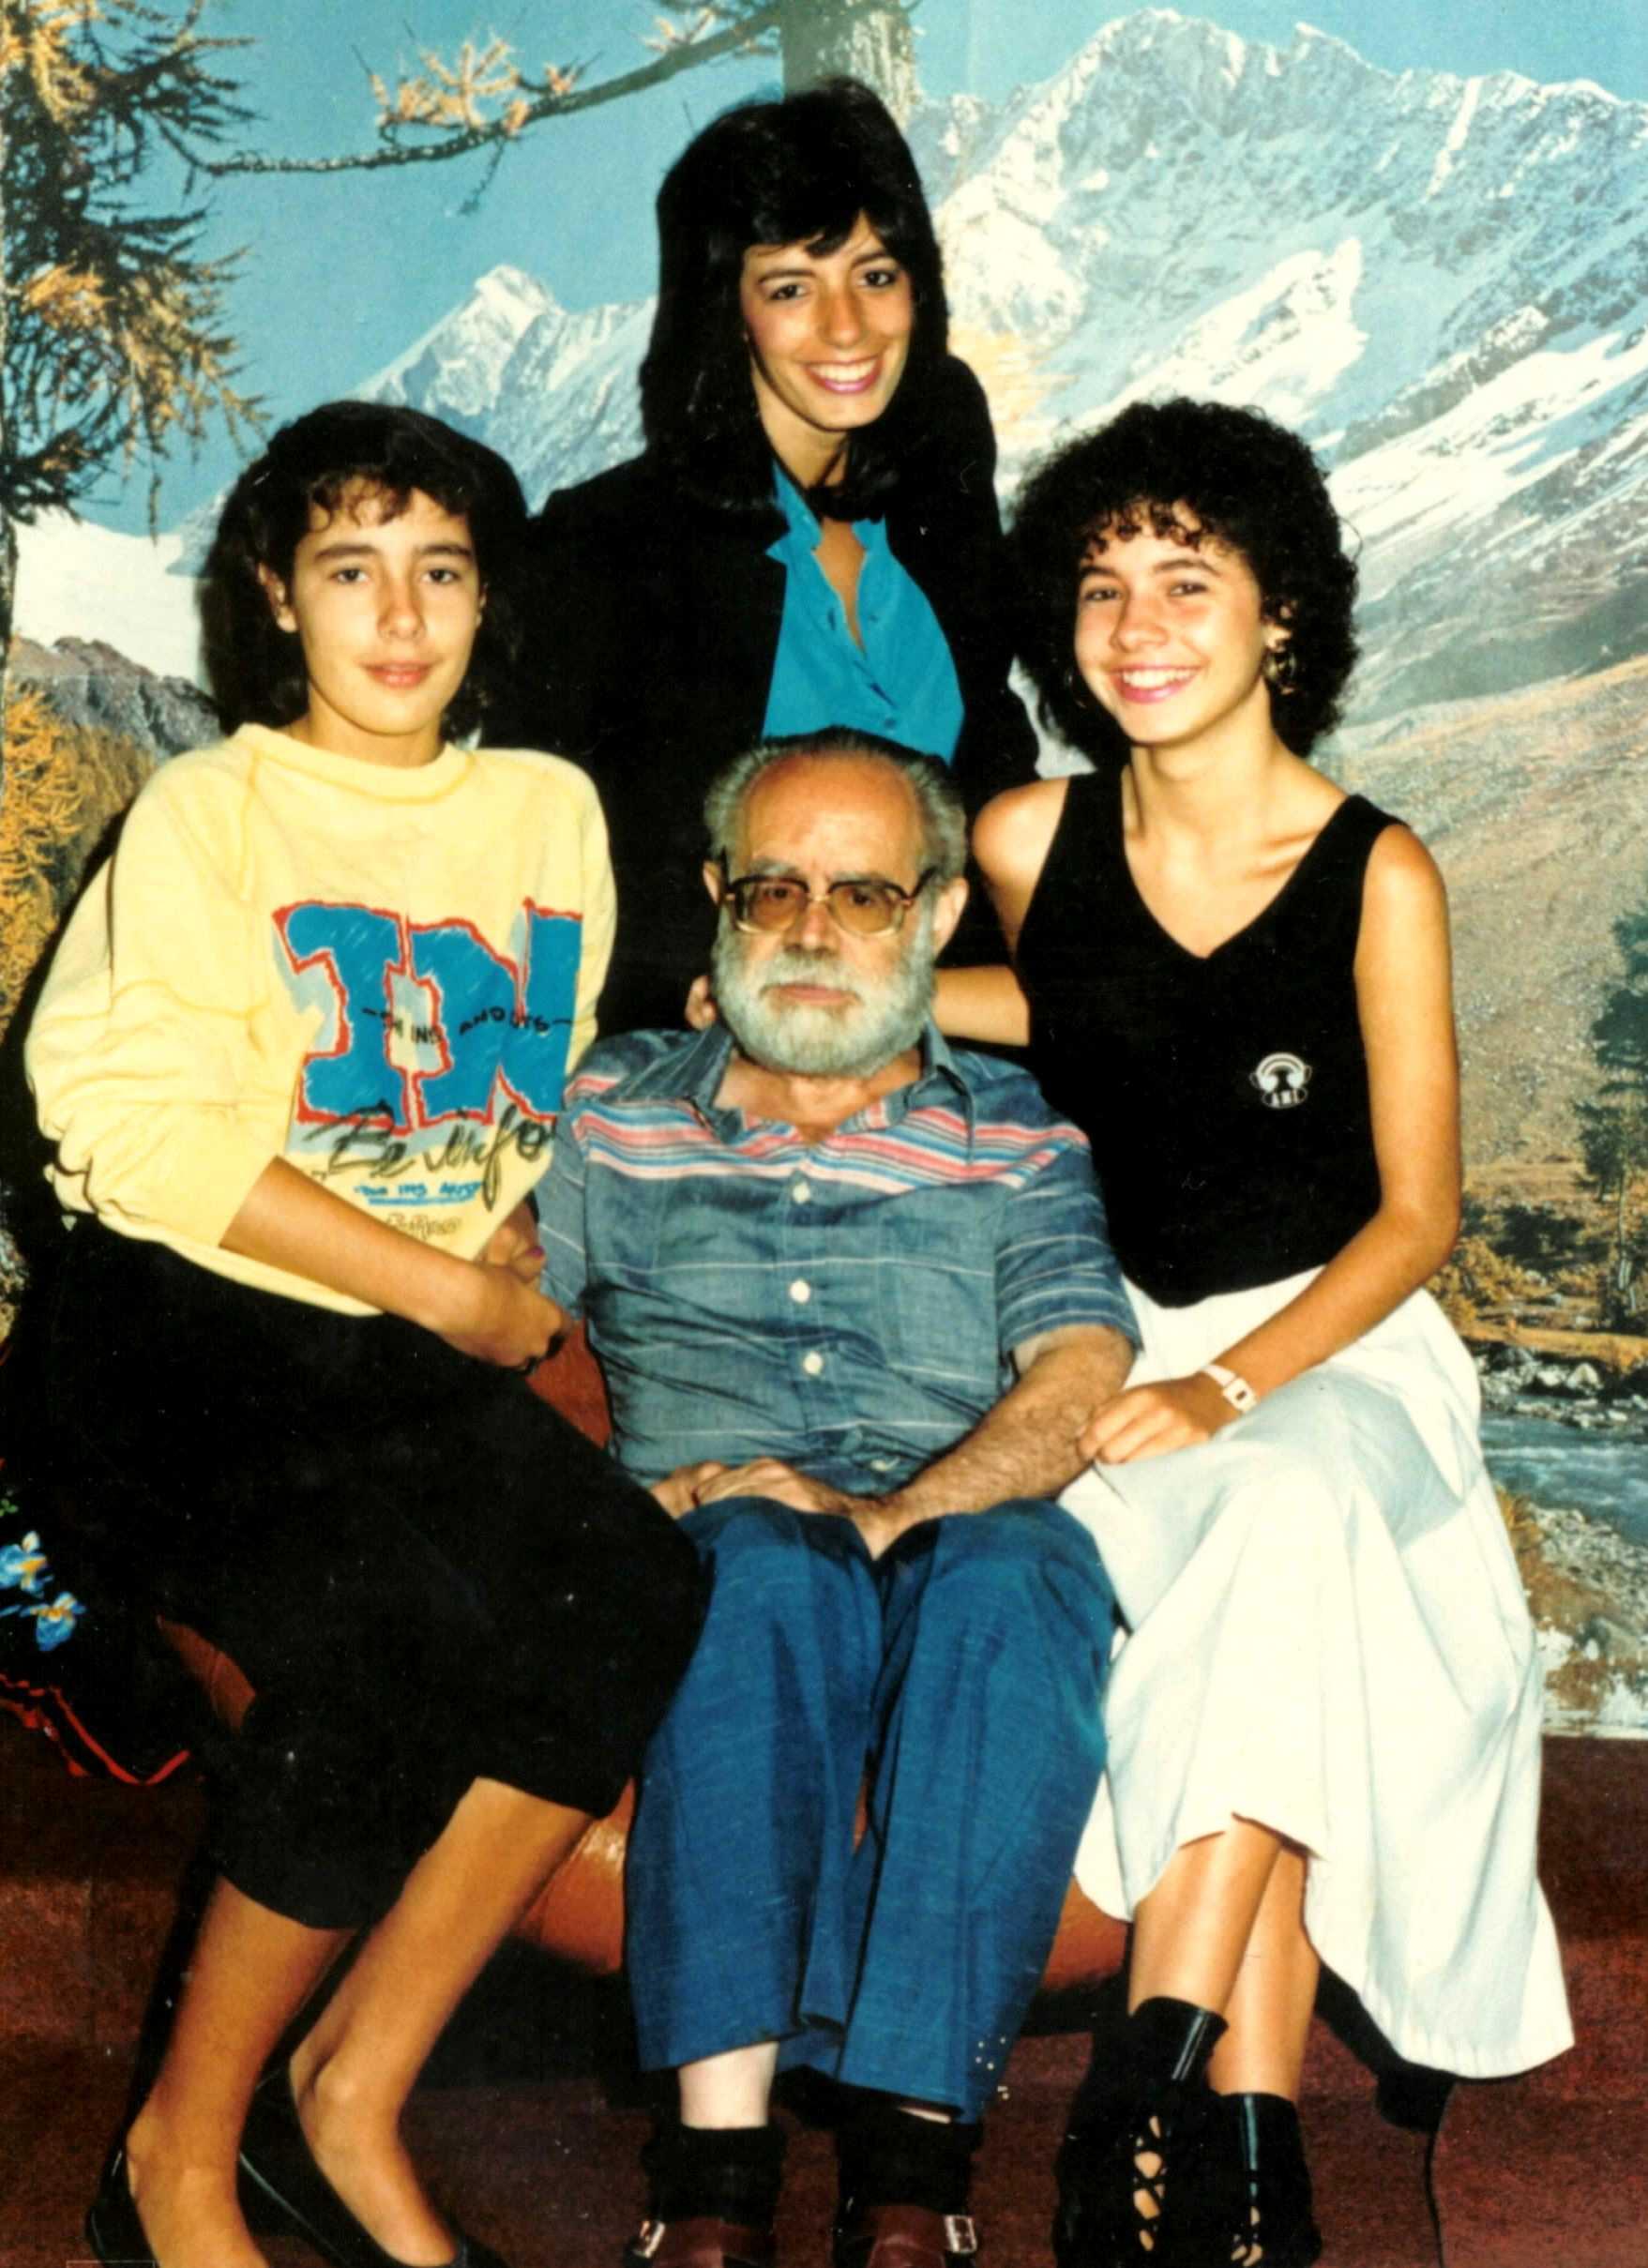 Manuel Fernández Rodríguez y ses nietas (años ochenta) [losdelasierra.info]